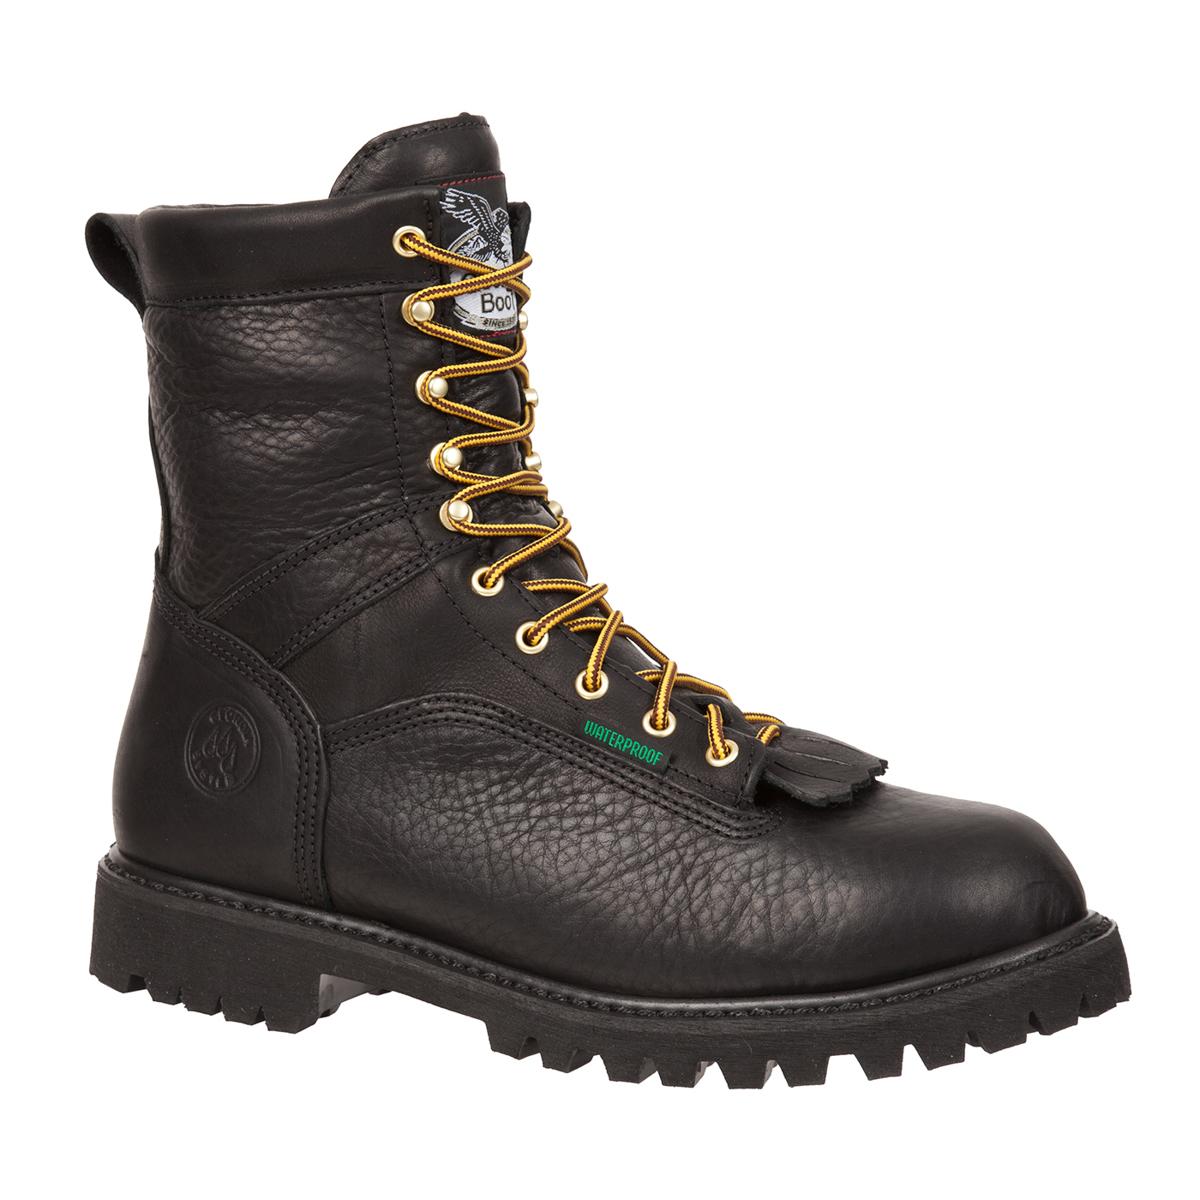 Image is loading Georgia-Mens-Black-Leather-Waterproof-Low-Heel-Logger-